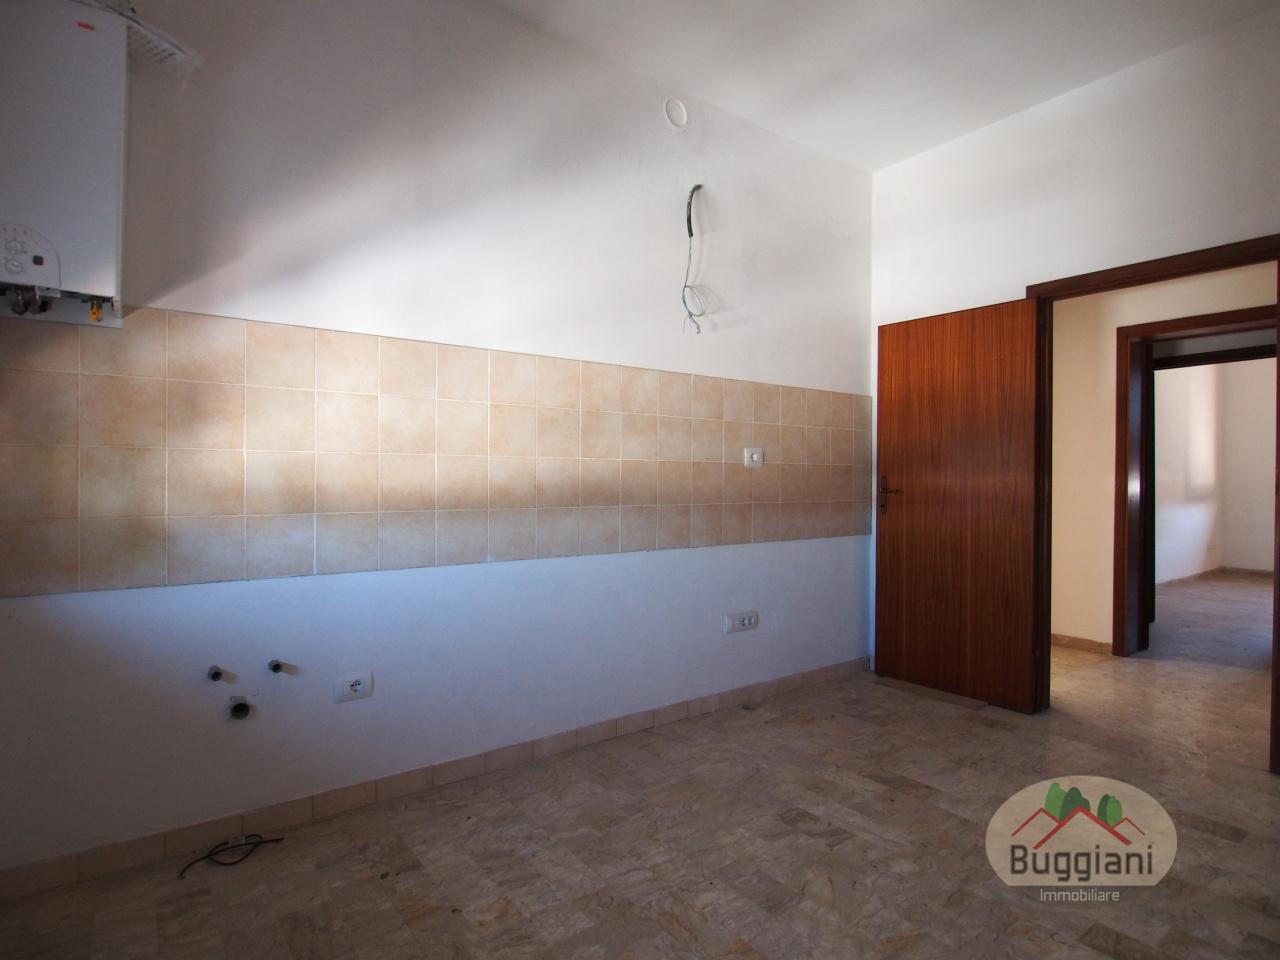 Appartamento in vendita RIF. 1723, San Miniato (PI)